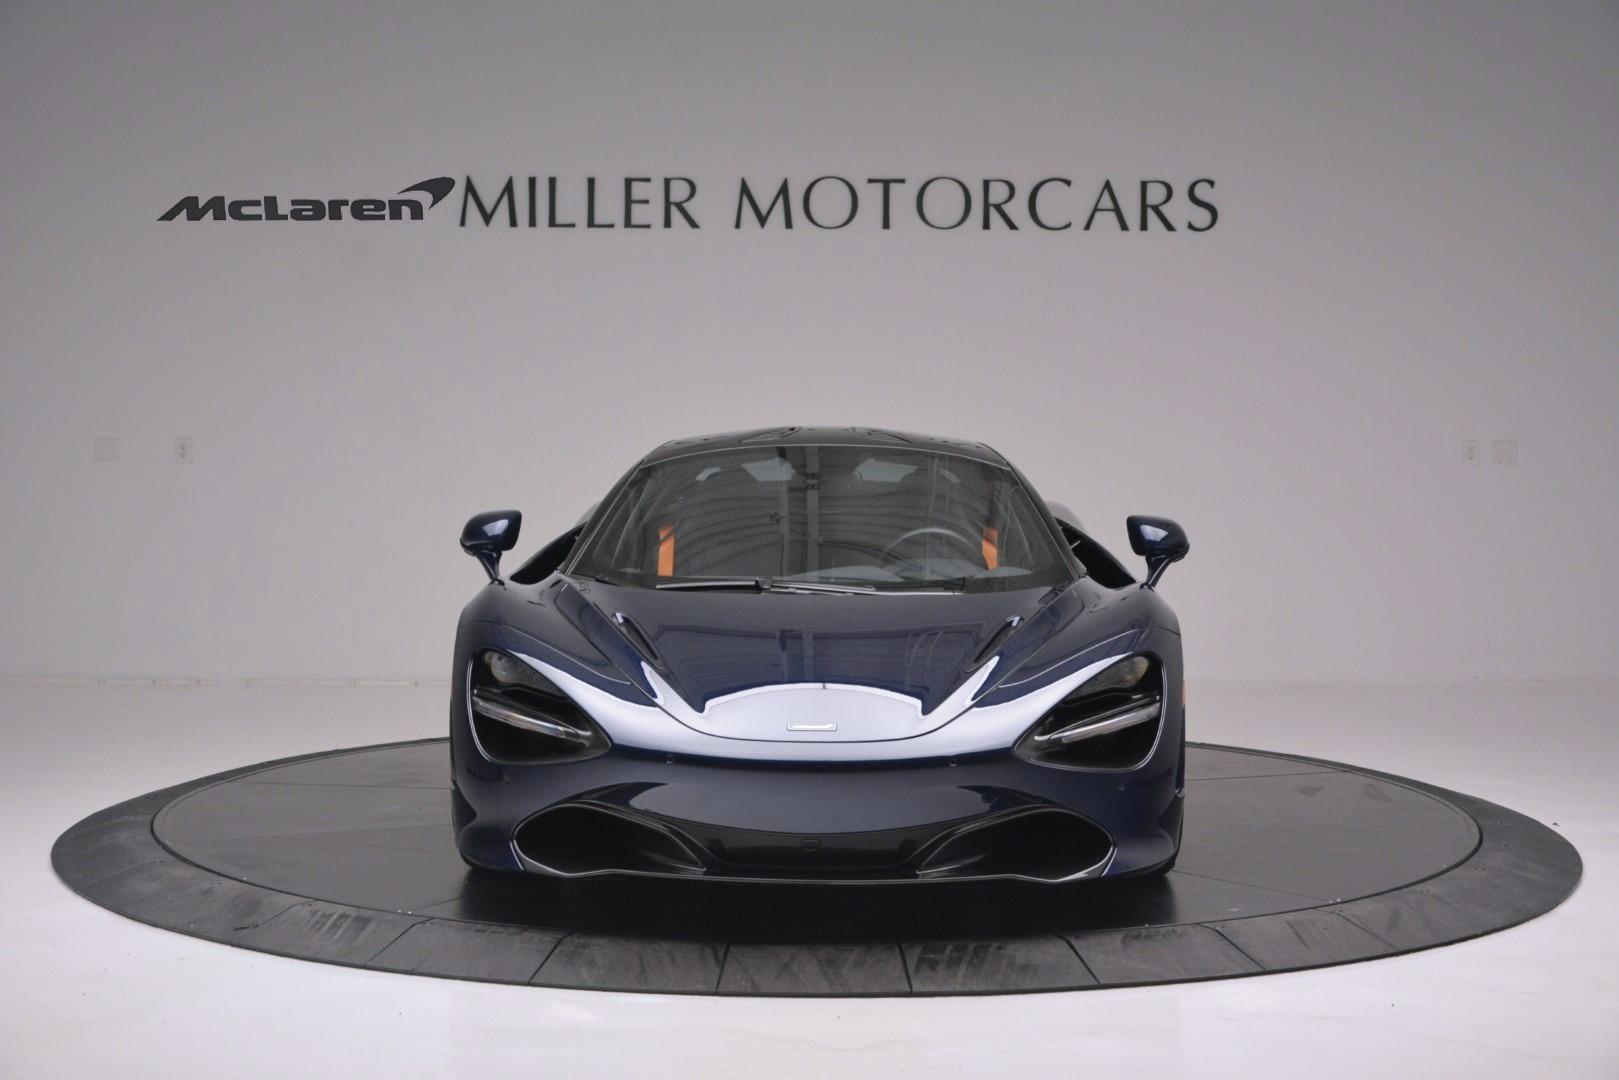 New 2019 McLaren 720S Coupe For Sale In Westport, CT 2730_p12